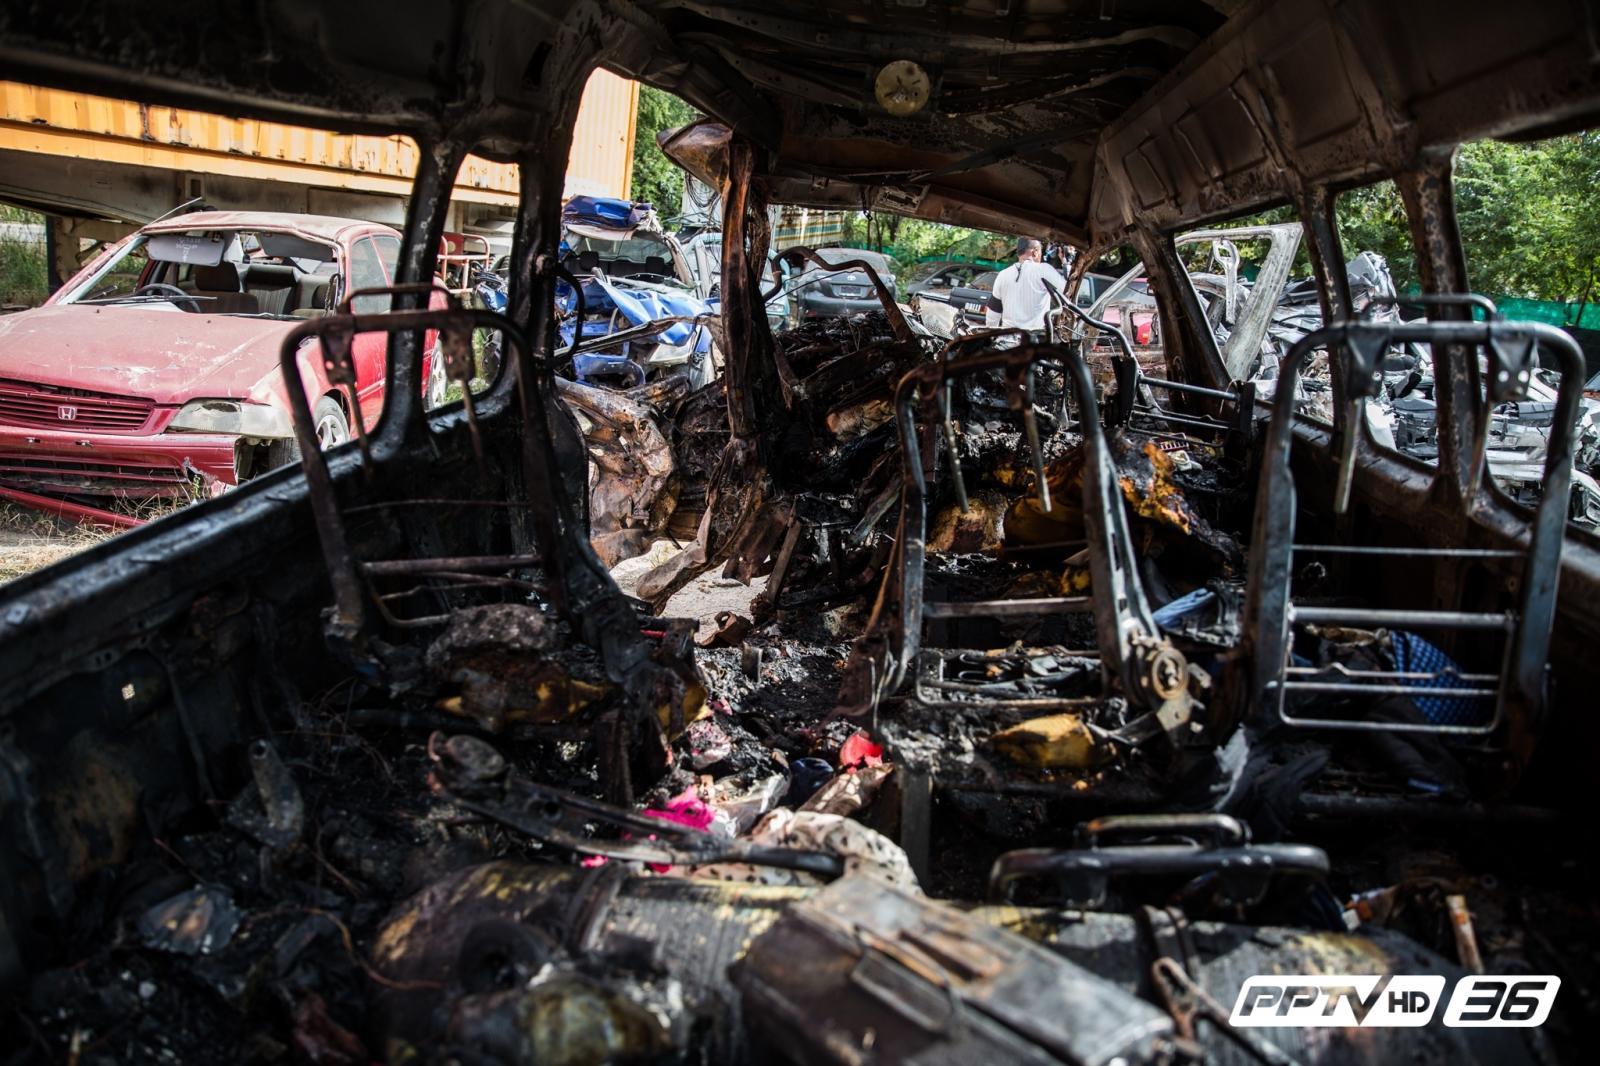 แนะ 4 หลักป้องกัน – ปฏิบัติตน กรณีไฟไหม้รถยนต์